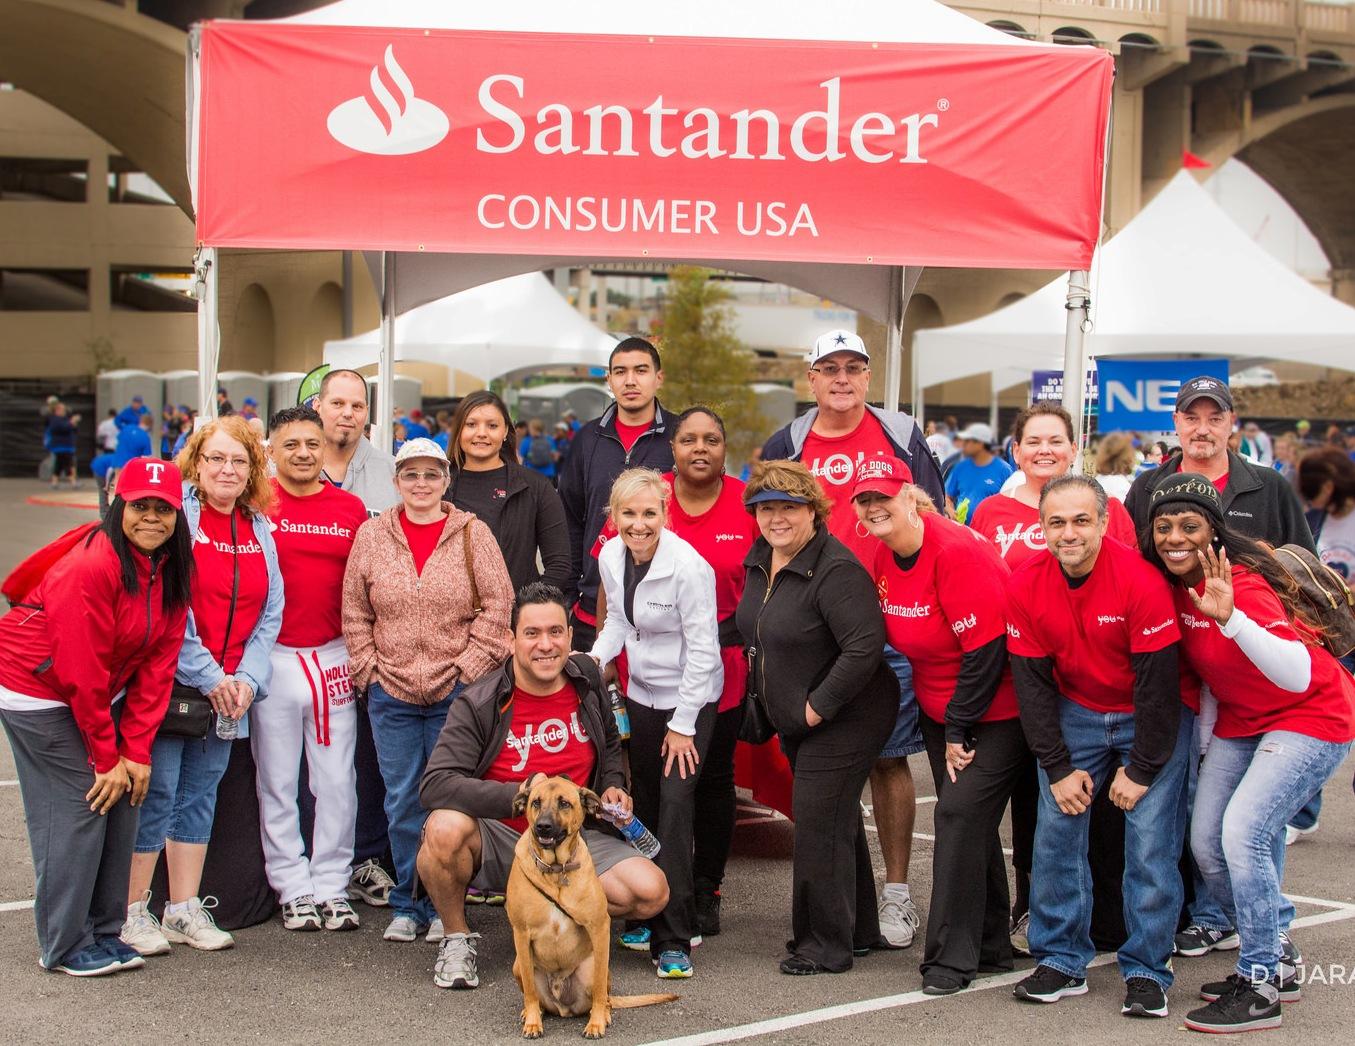 Santander Consumer USA Picture